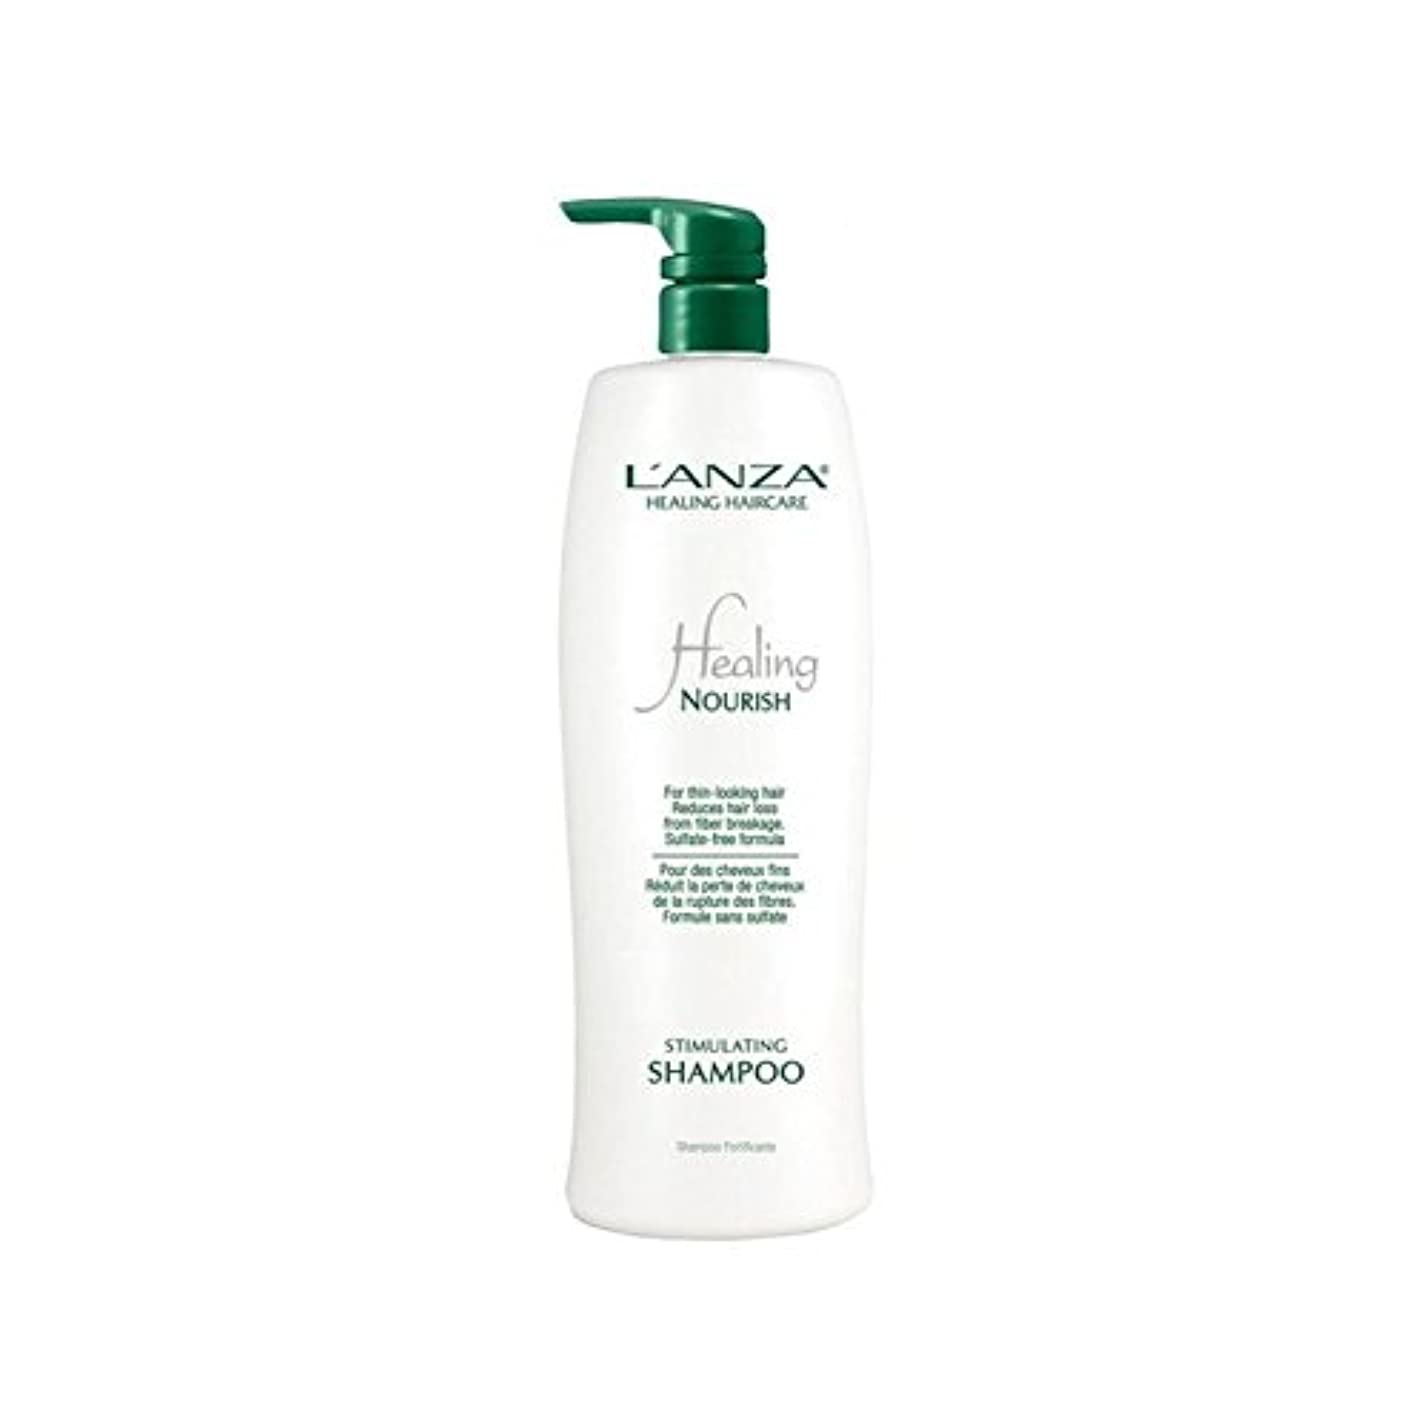 嫉妬美しいルームランツァ治癒がシャンプー(千ミリリットル)を刺激する栄養を与えます x2 - Lanza Healing Nourish Stimulating Shampoo (1000ml) (Pack of 2) [並行輸入品]